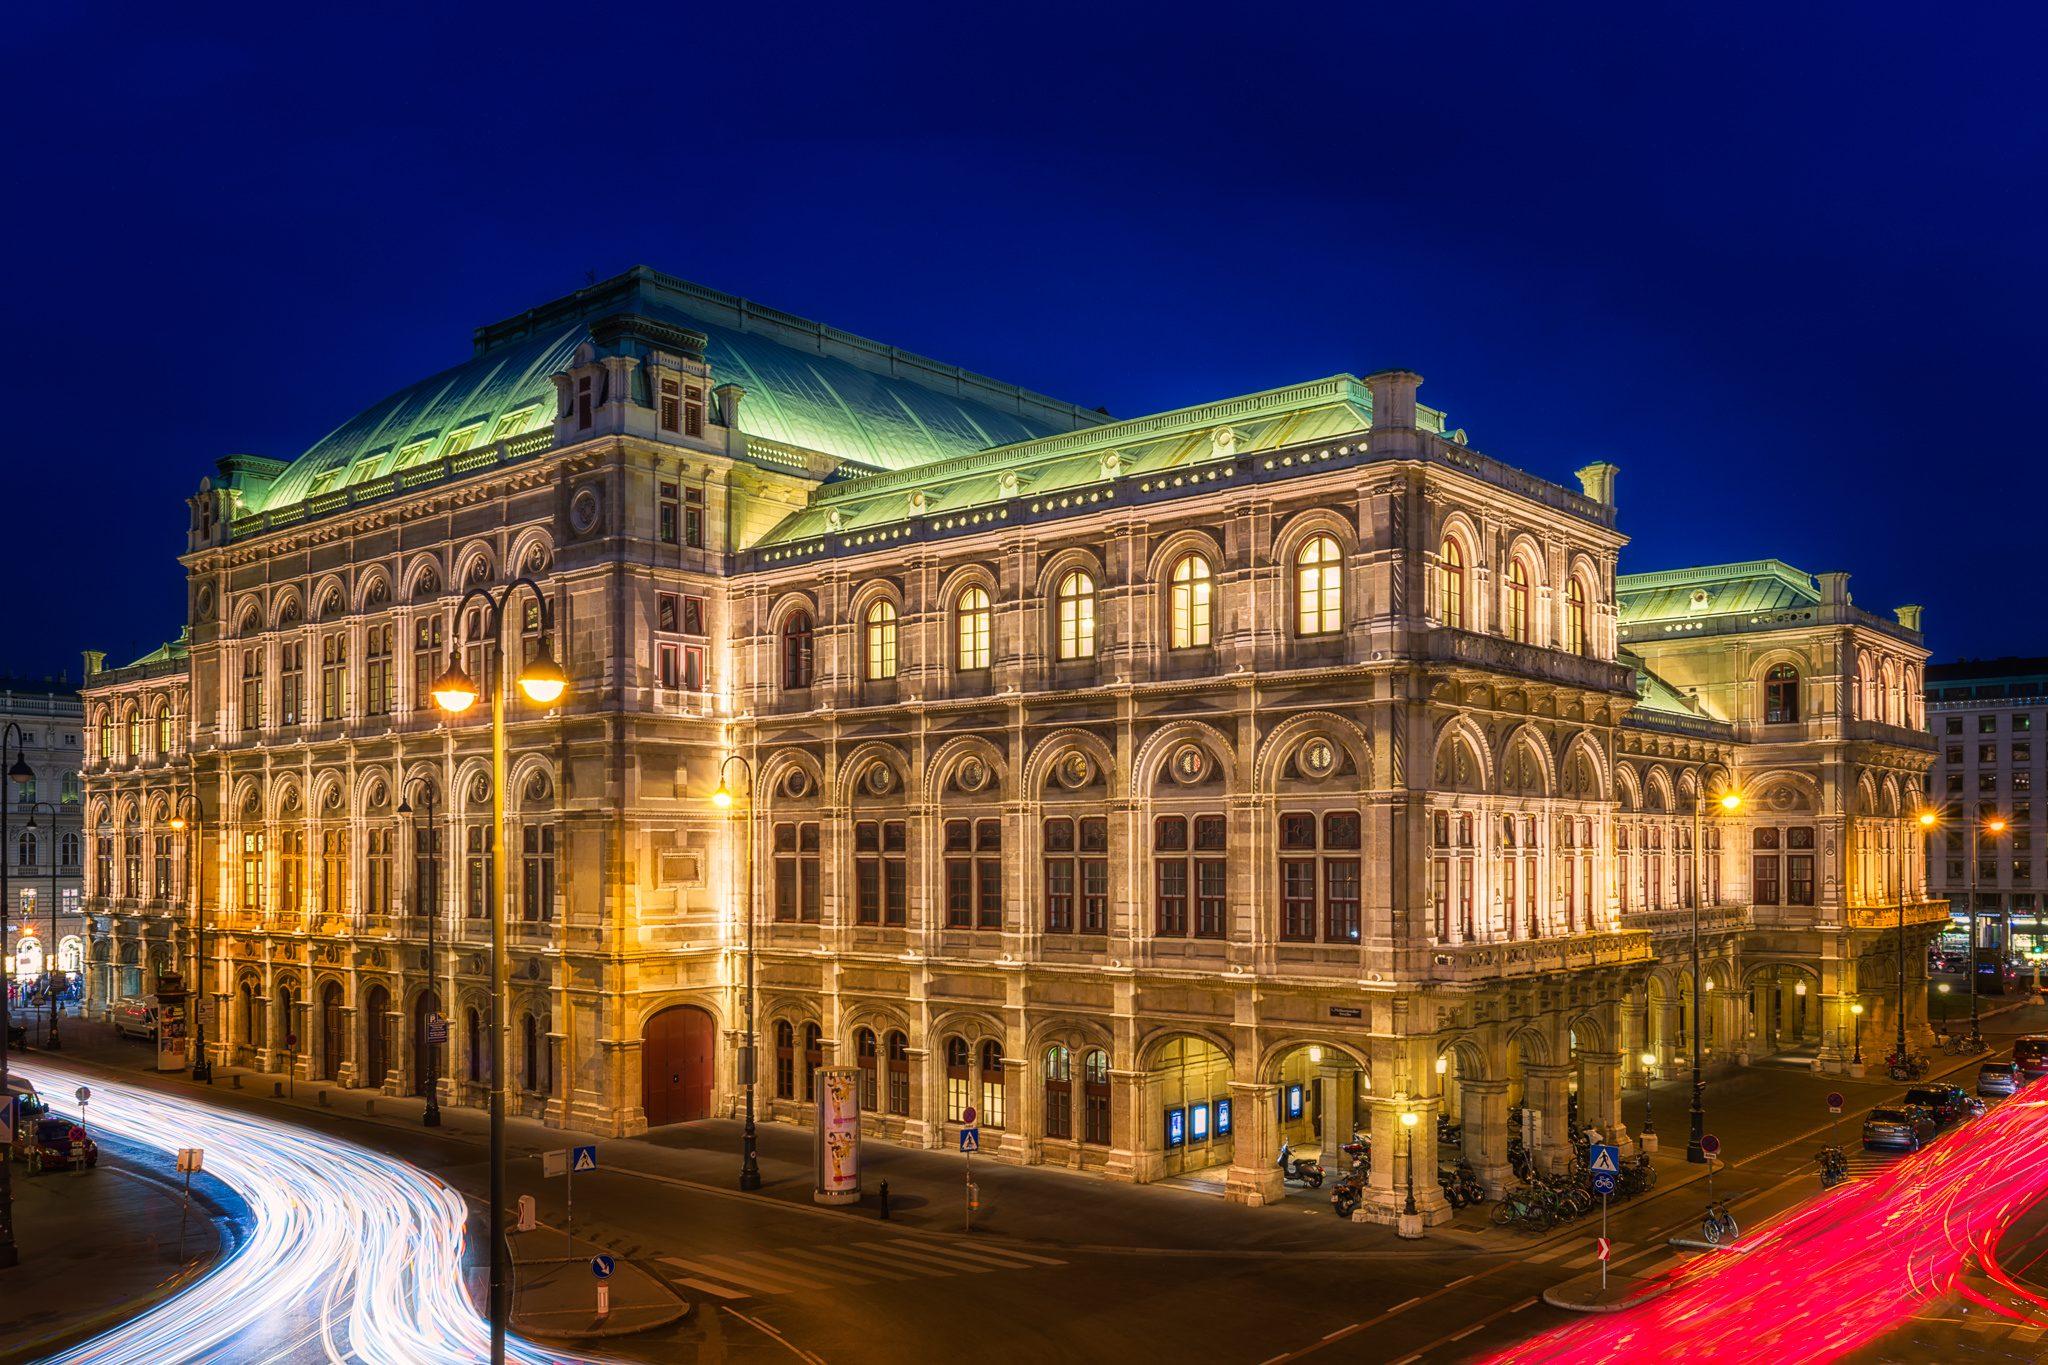 Gebäude der Wiener Staatsoper bei Nacht